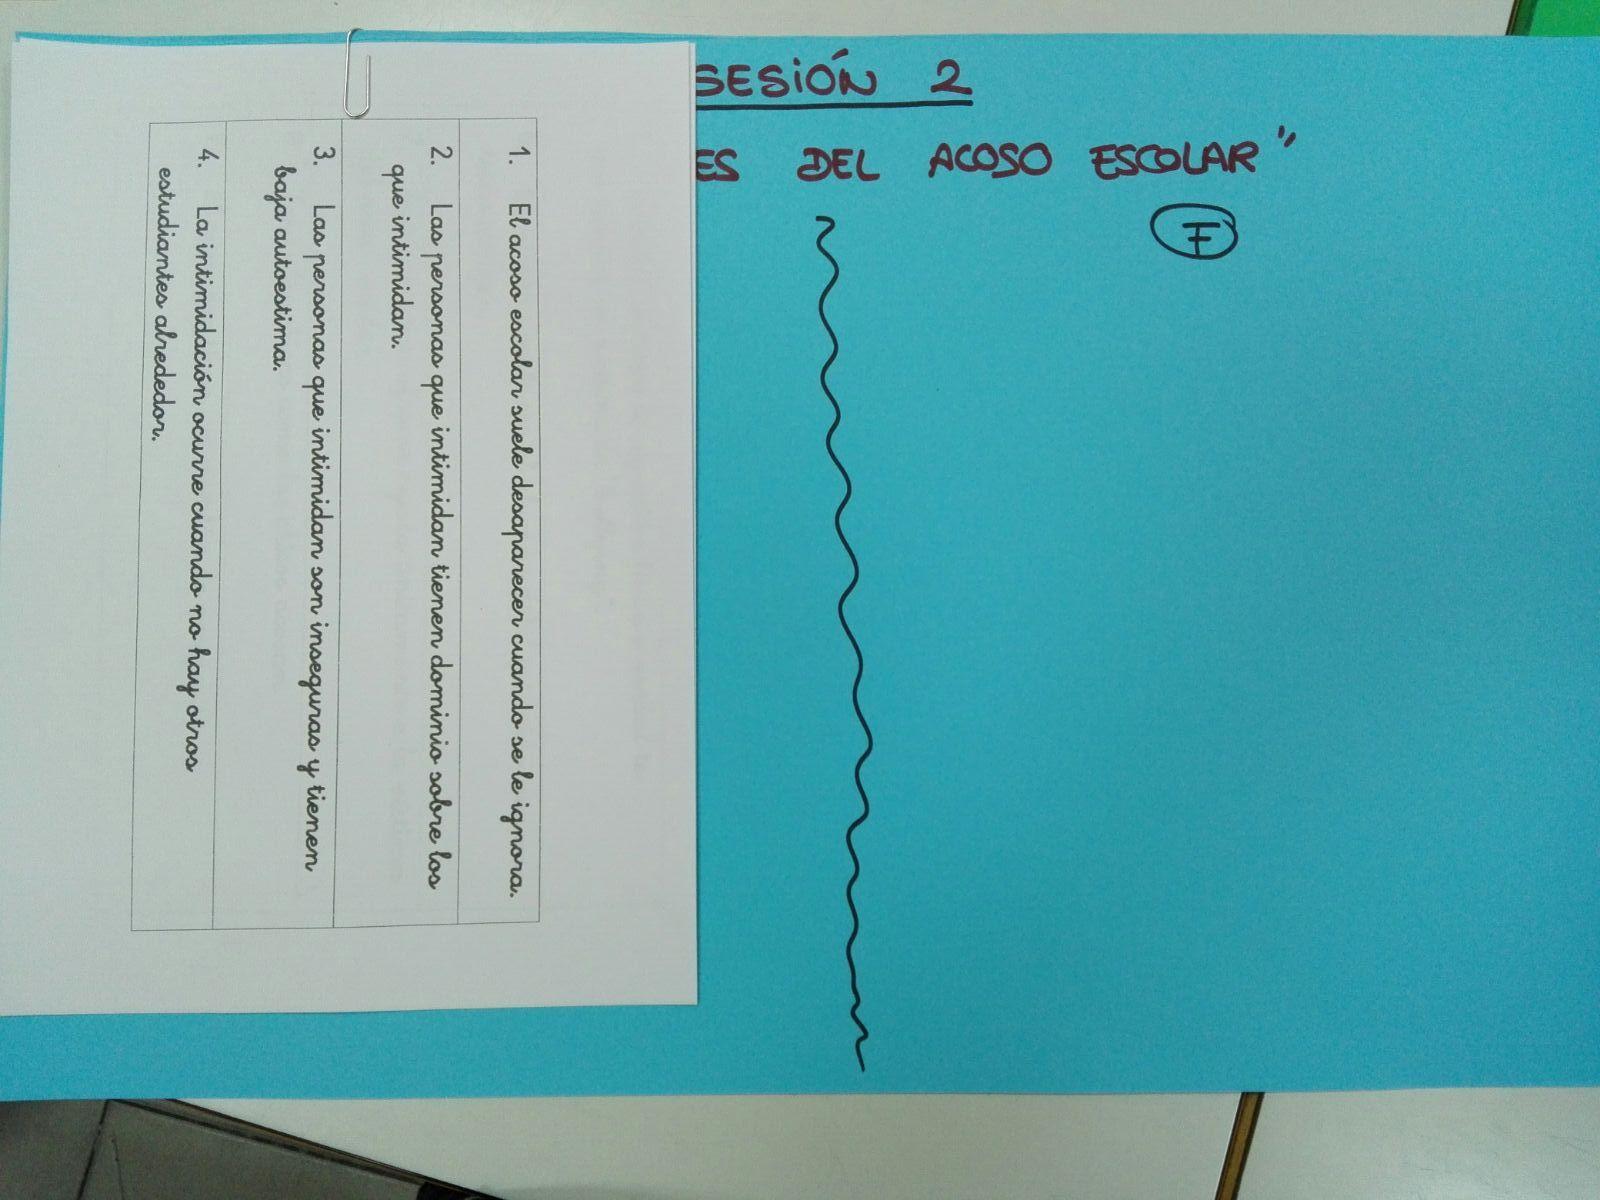 Dinámica de grupo sobre análisis de los mitos y realidades del acoso escolar 3